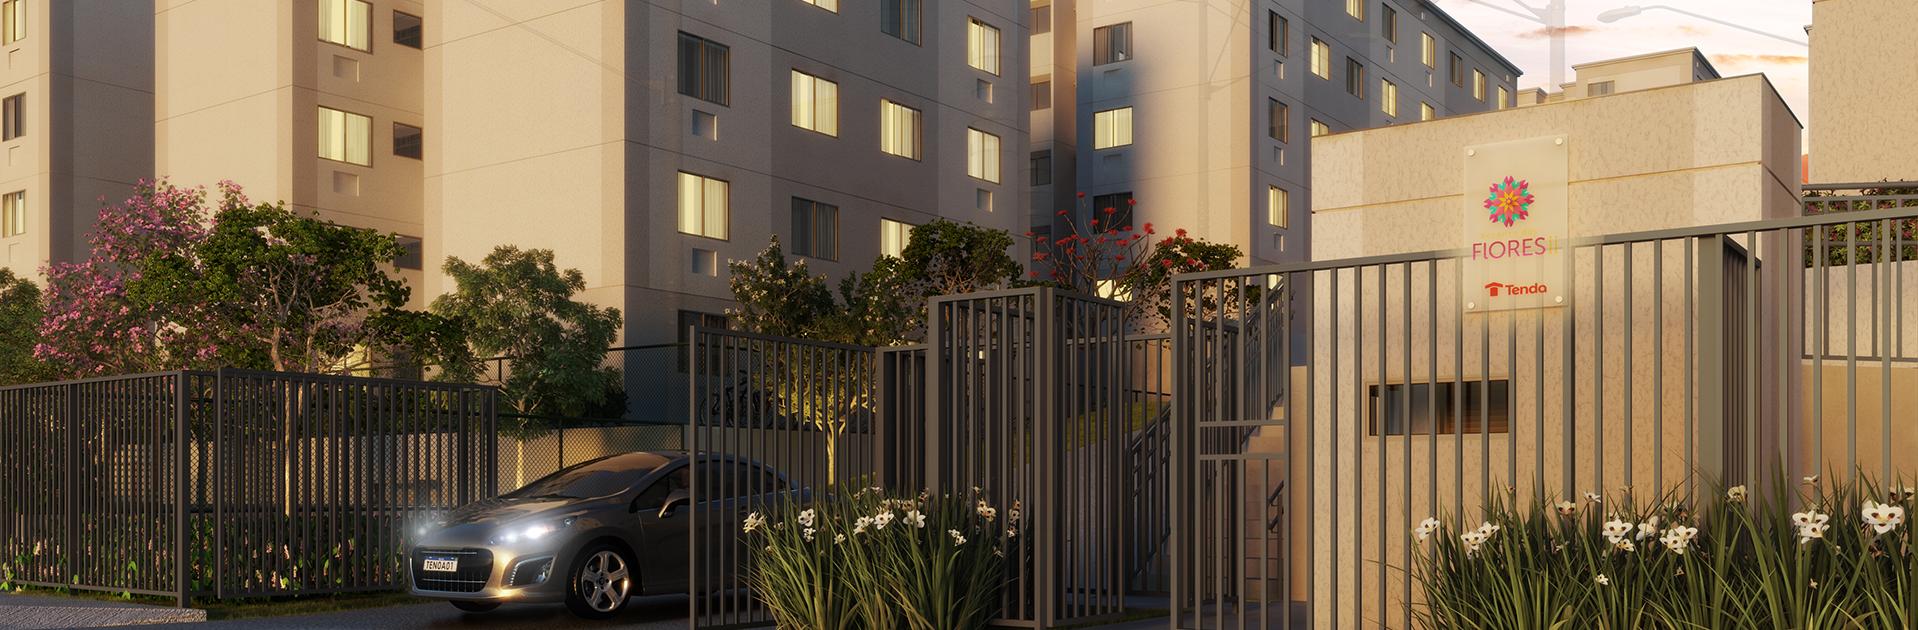 Recanto das Flores II | Apartamento Minha Casa Minha Vida | foto 1 | tenda.com